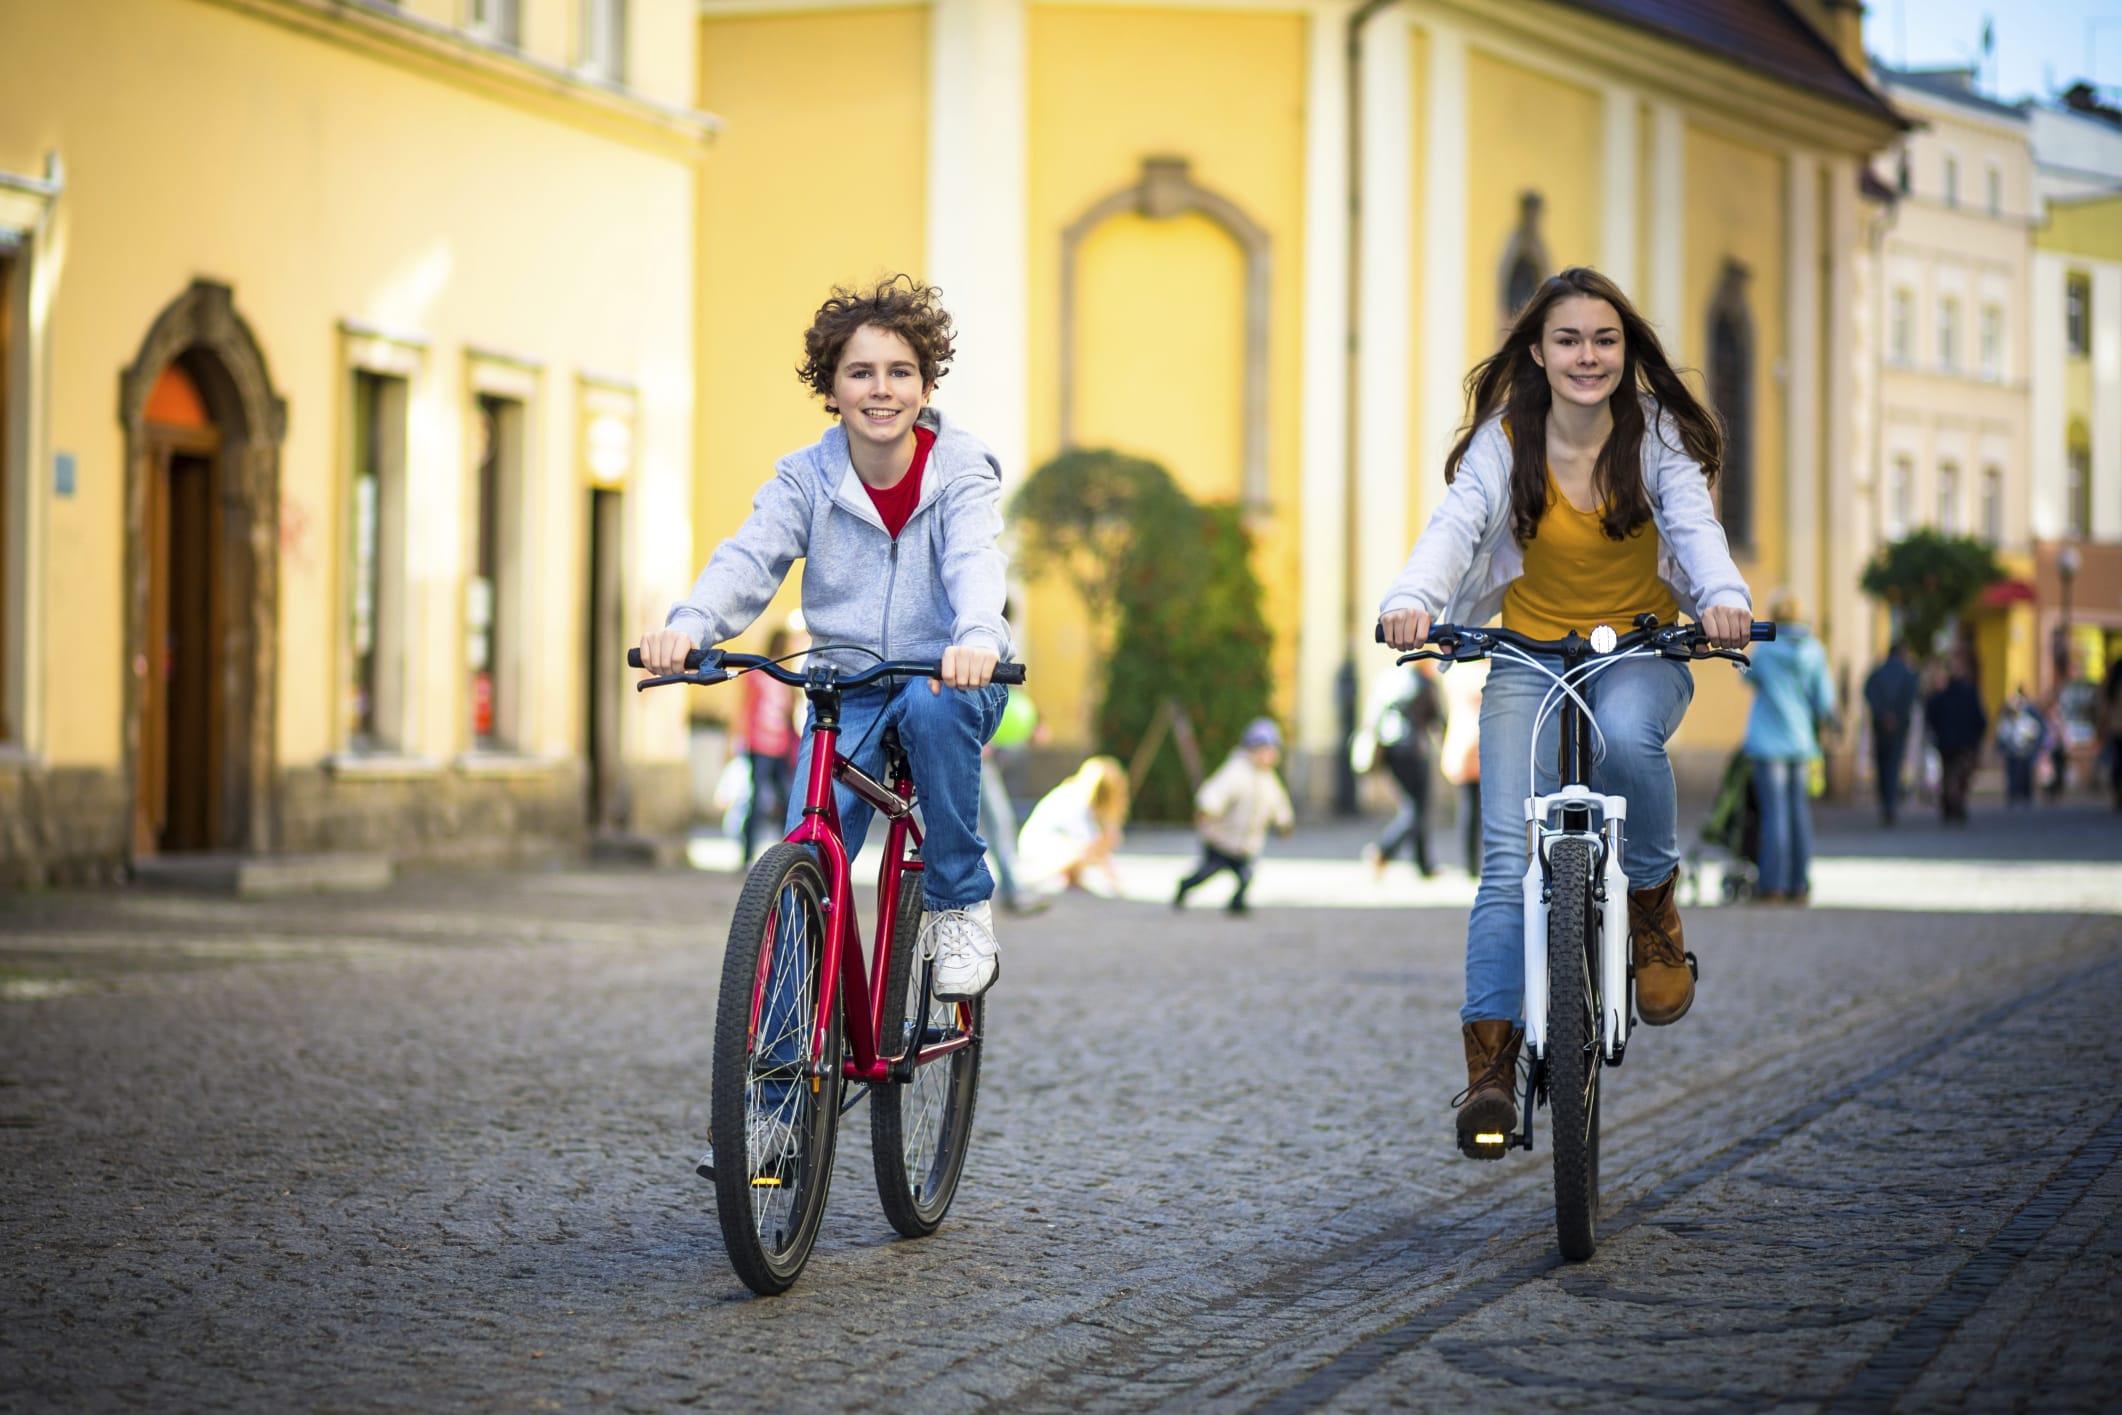 Spazi condivisi in città: un nuovo (e virtuoso) modello di mobilità urbana